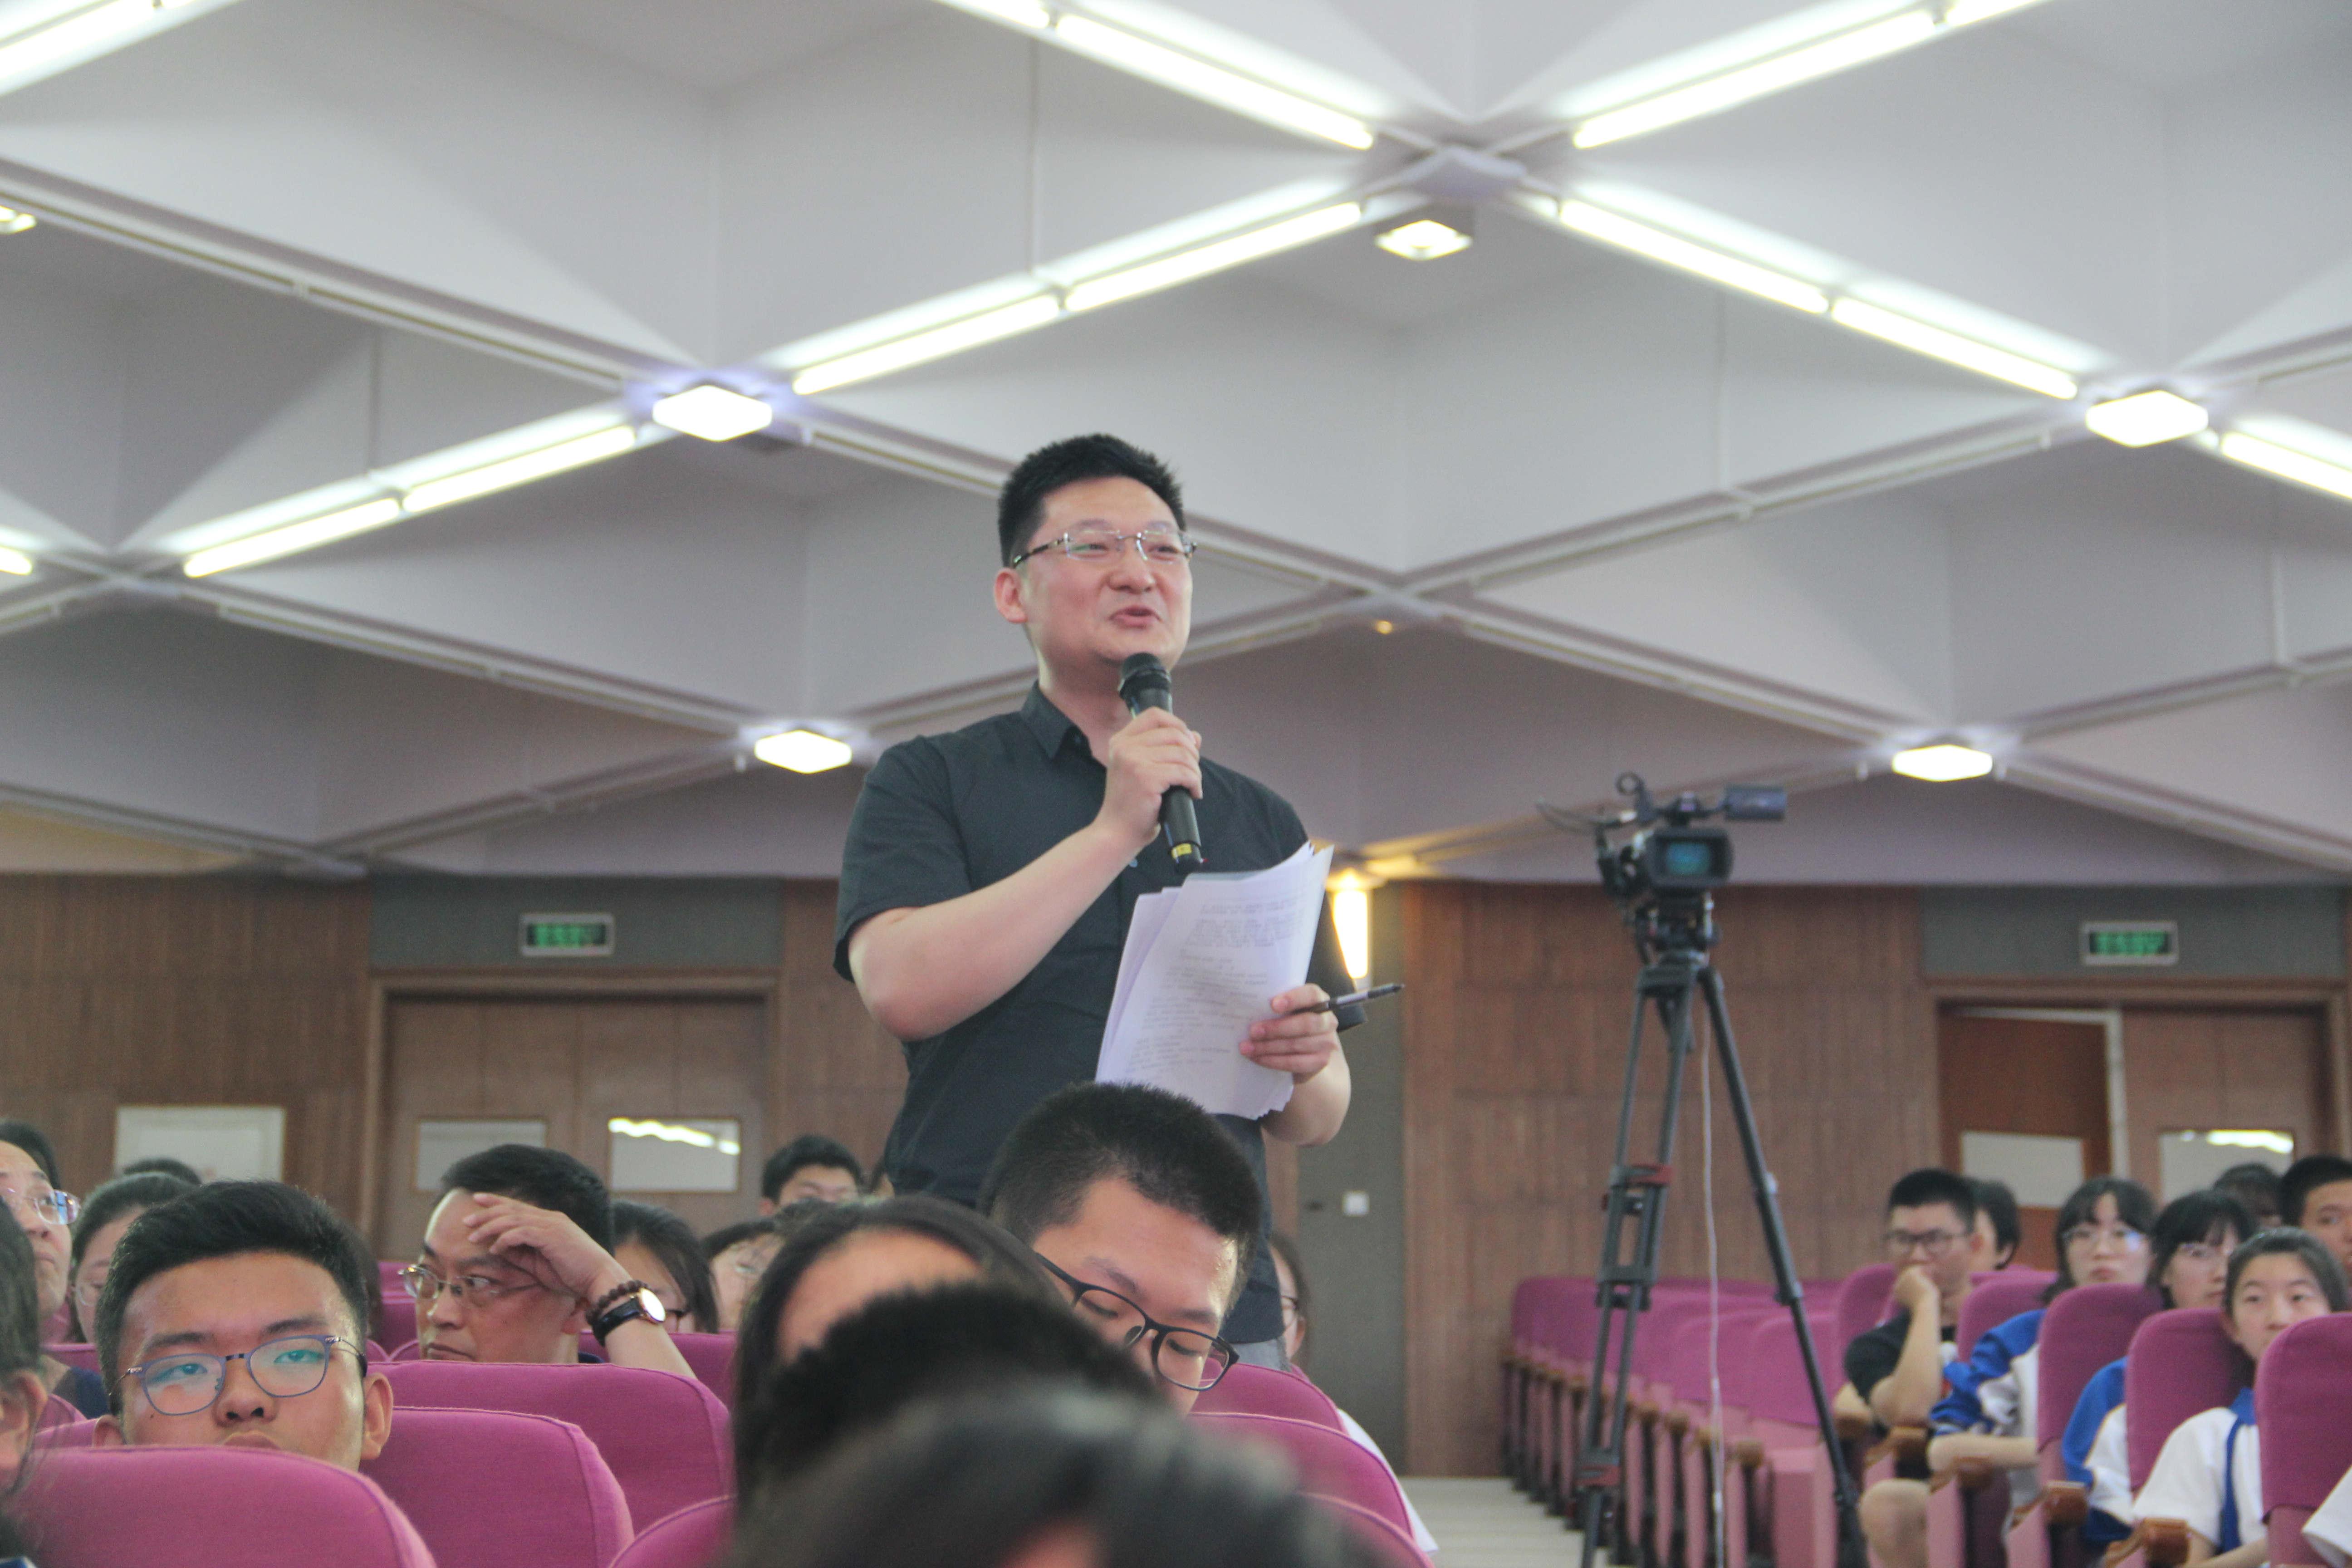 北京市教育学院讲师、北师大博士李桔松老师精彩点评.jpg